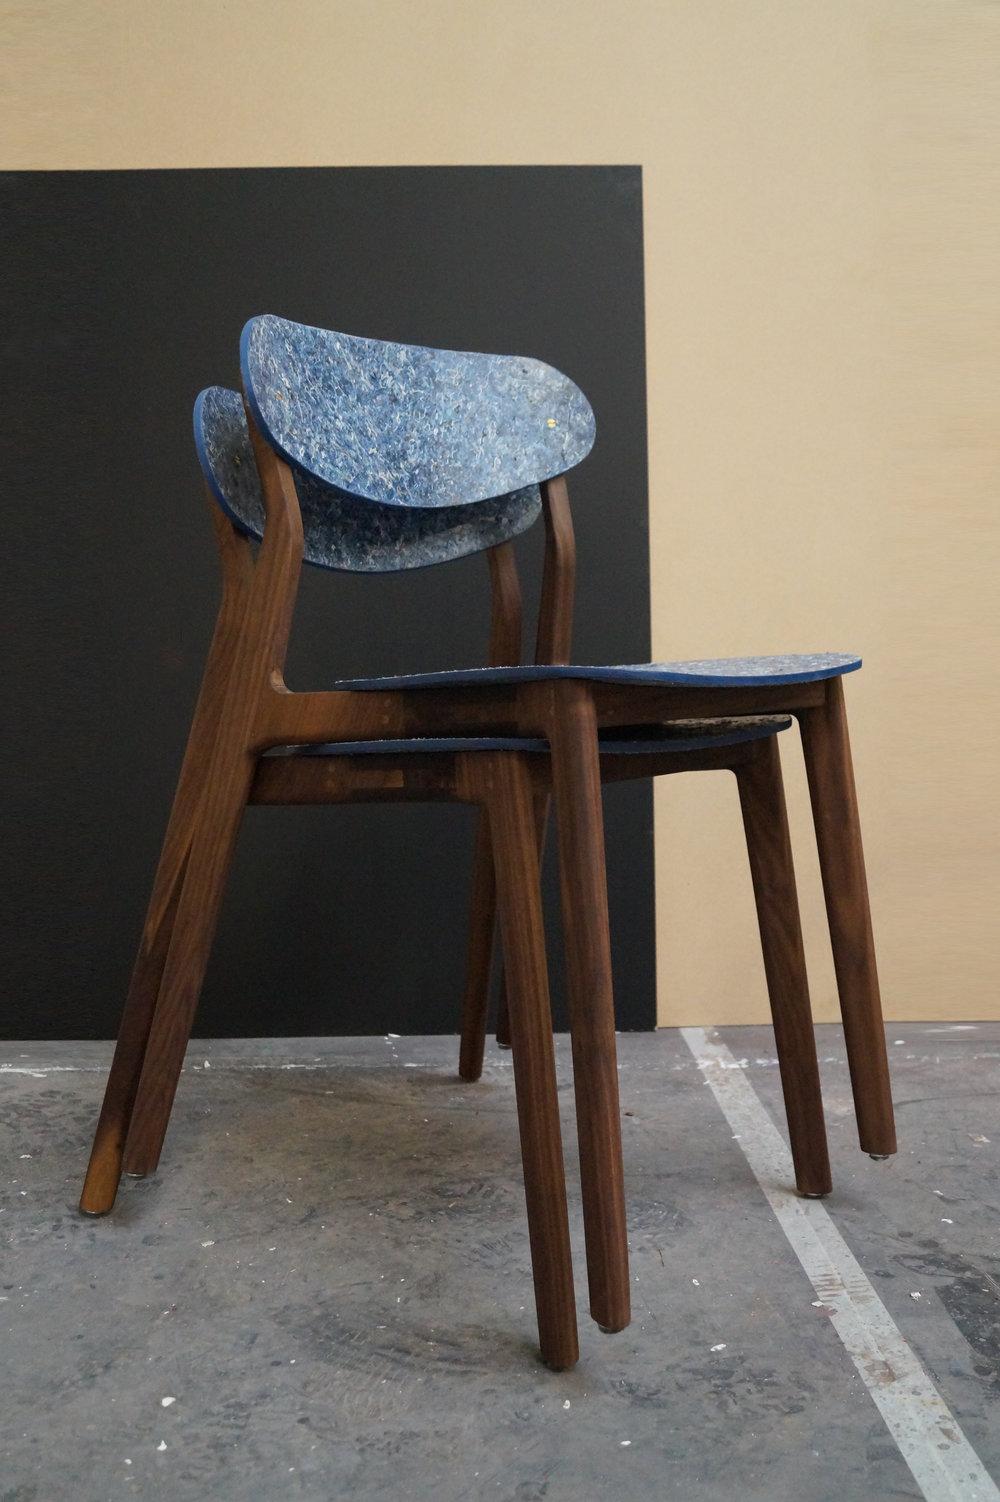 Ubu_Chair_Iso_Stacked_01.jpg